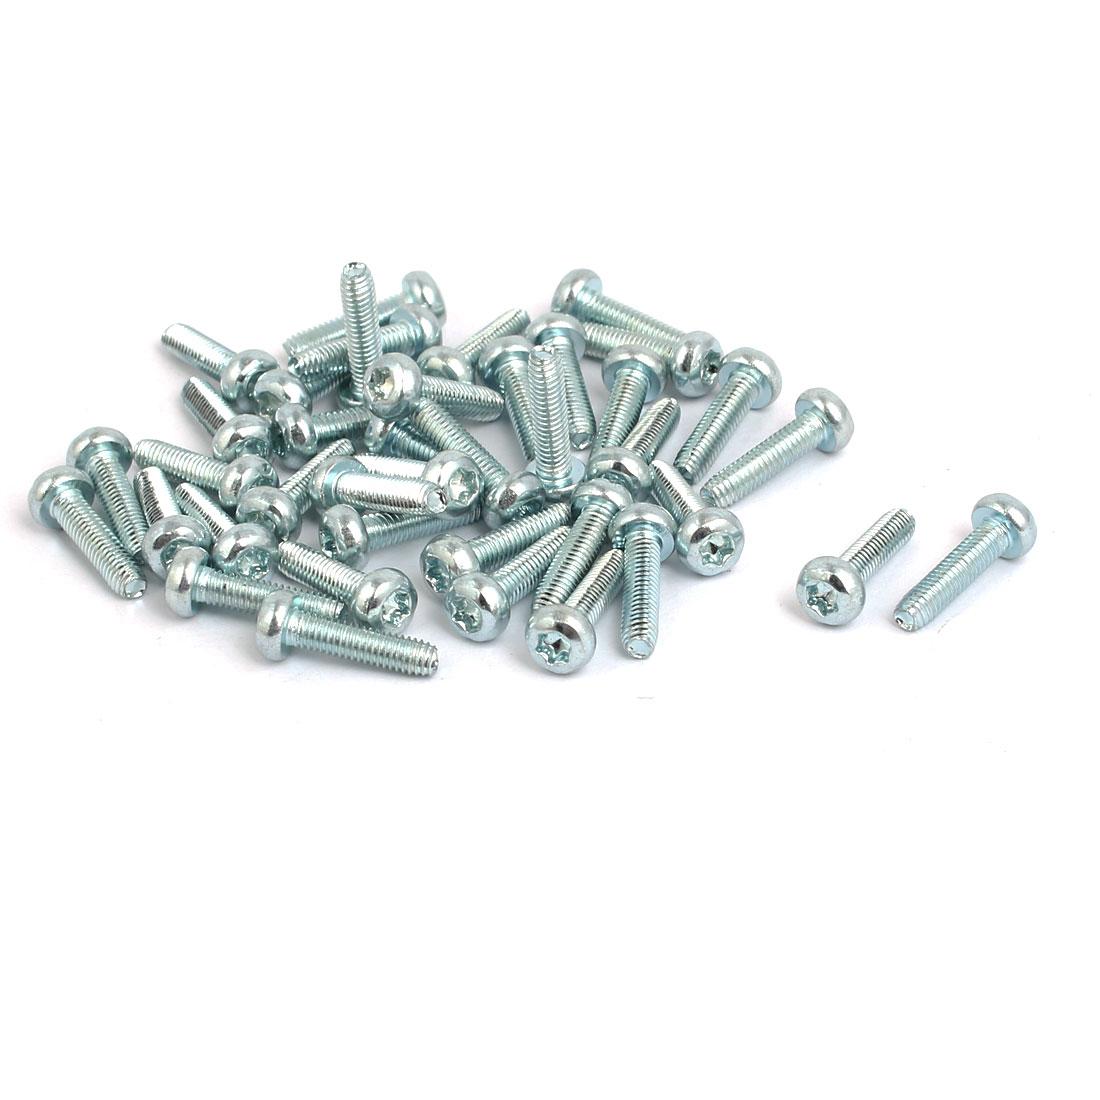 M3x12mm Pan Head Torx Socket Triangle Thread Screw Bolt Silver Tone 40pcs